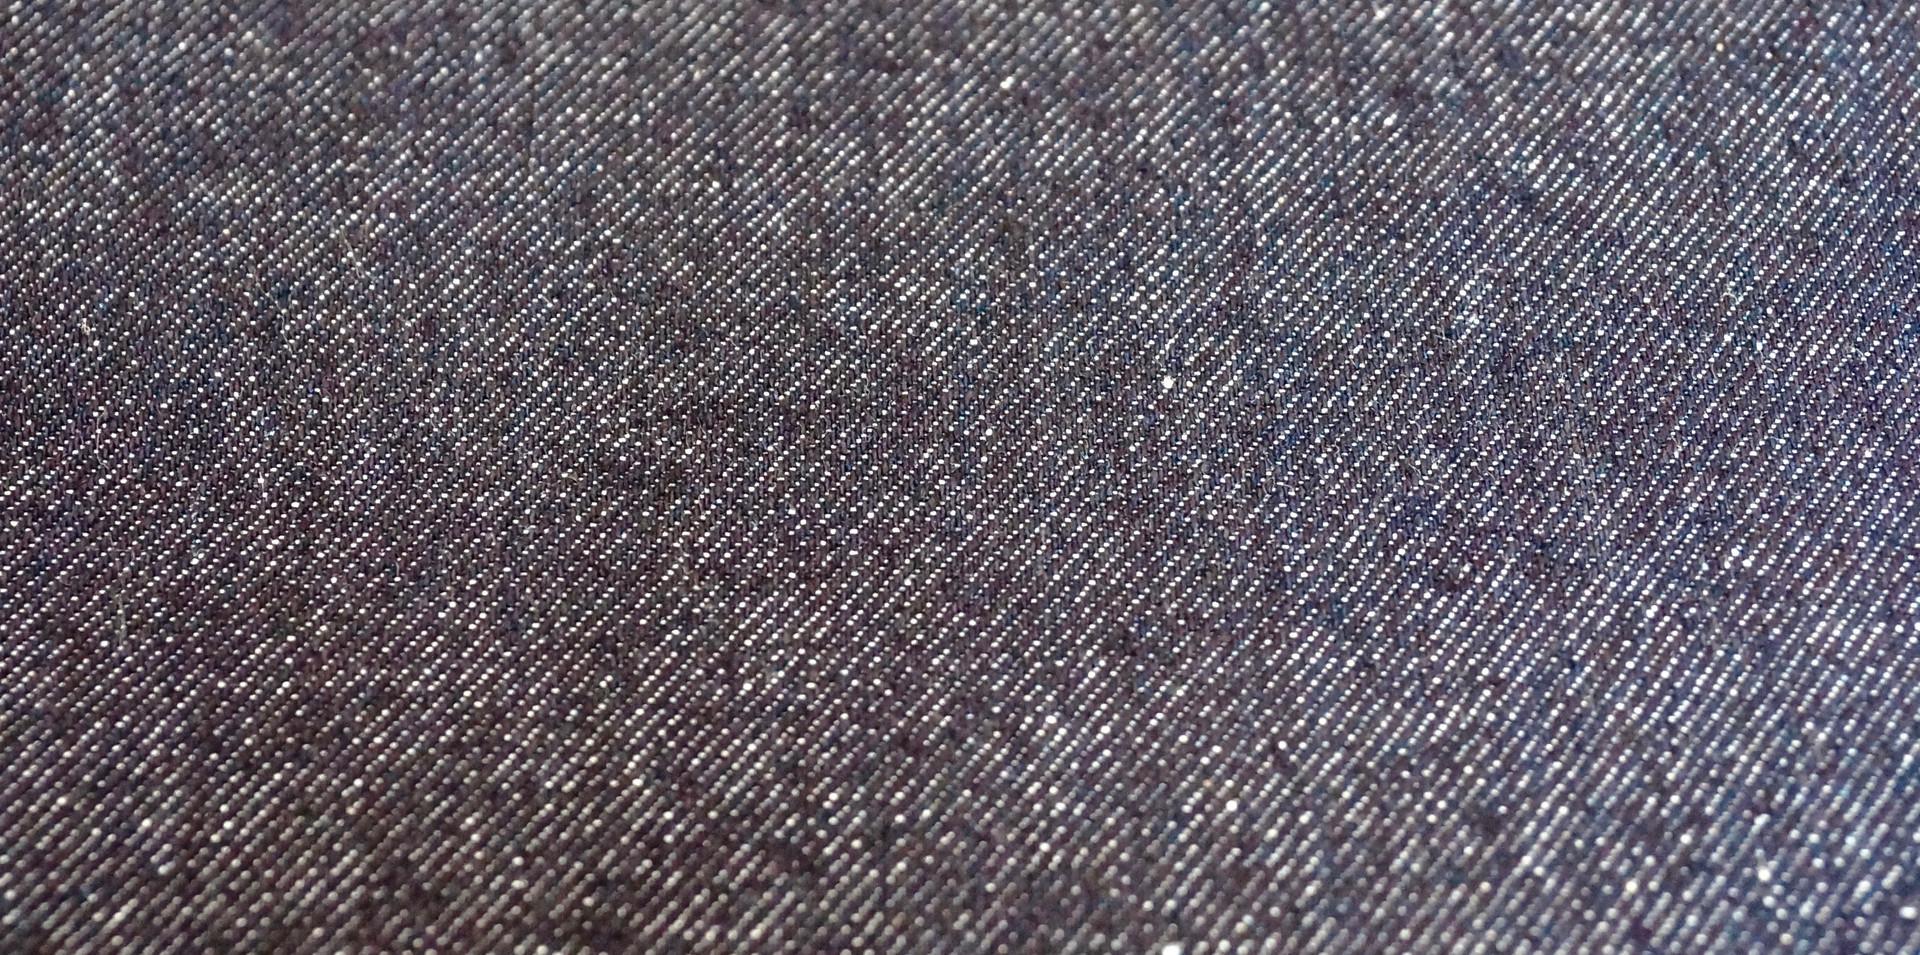 Textura del cuerpo de la bolsa.